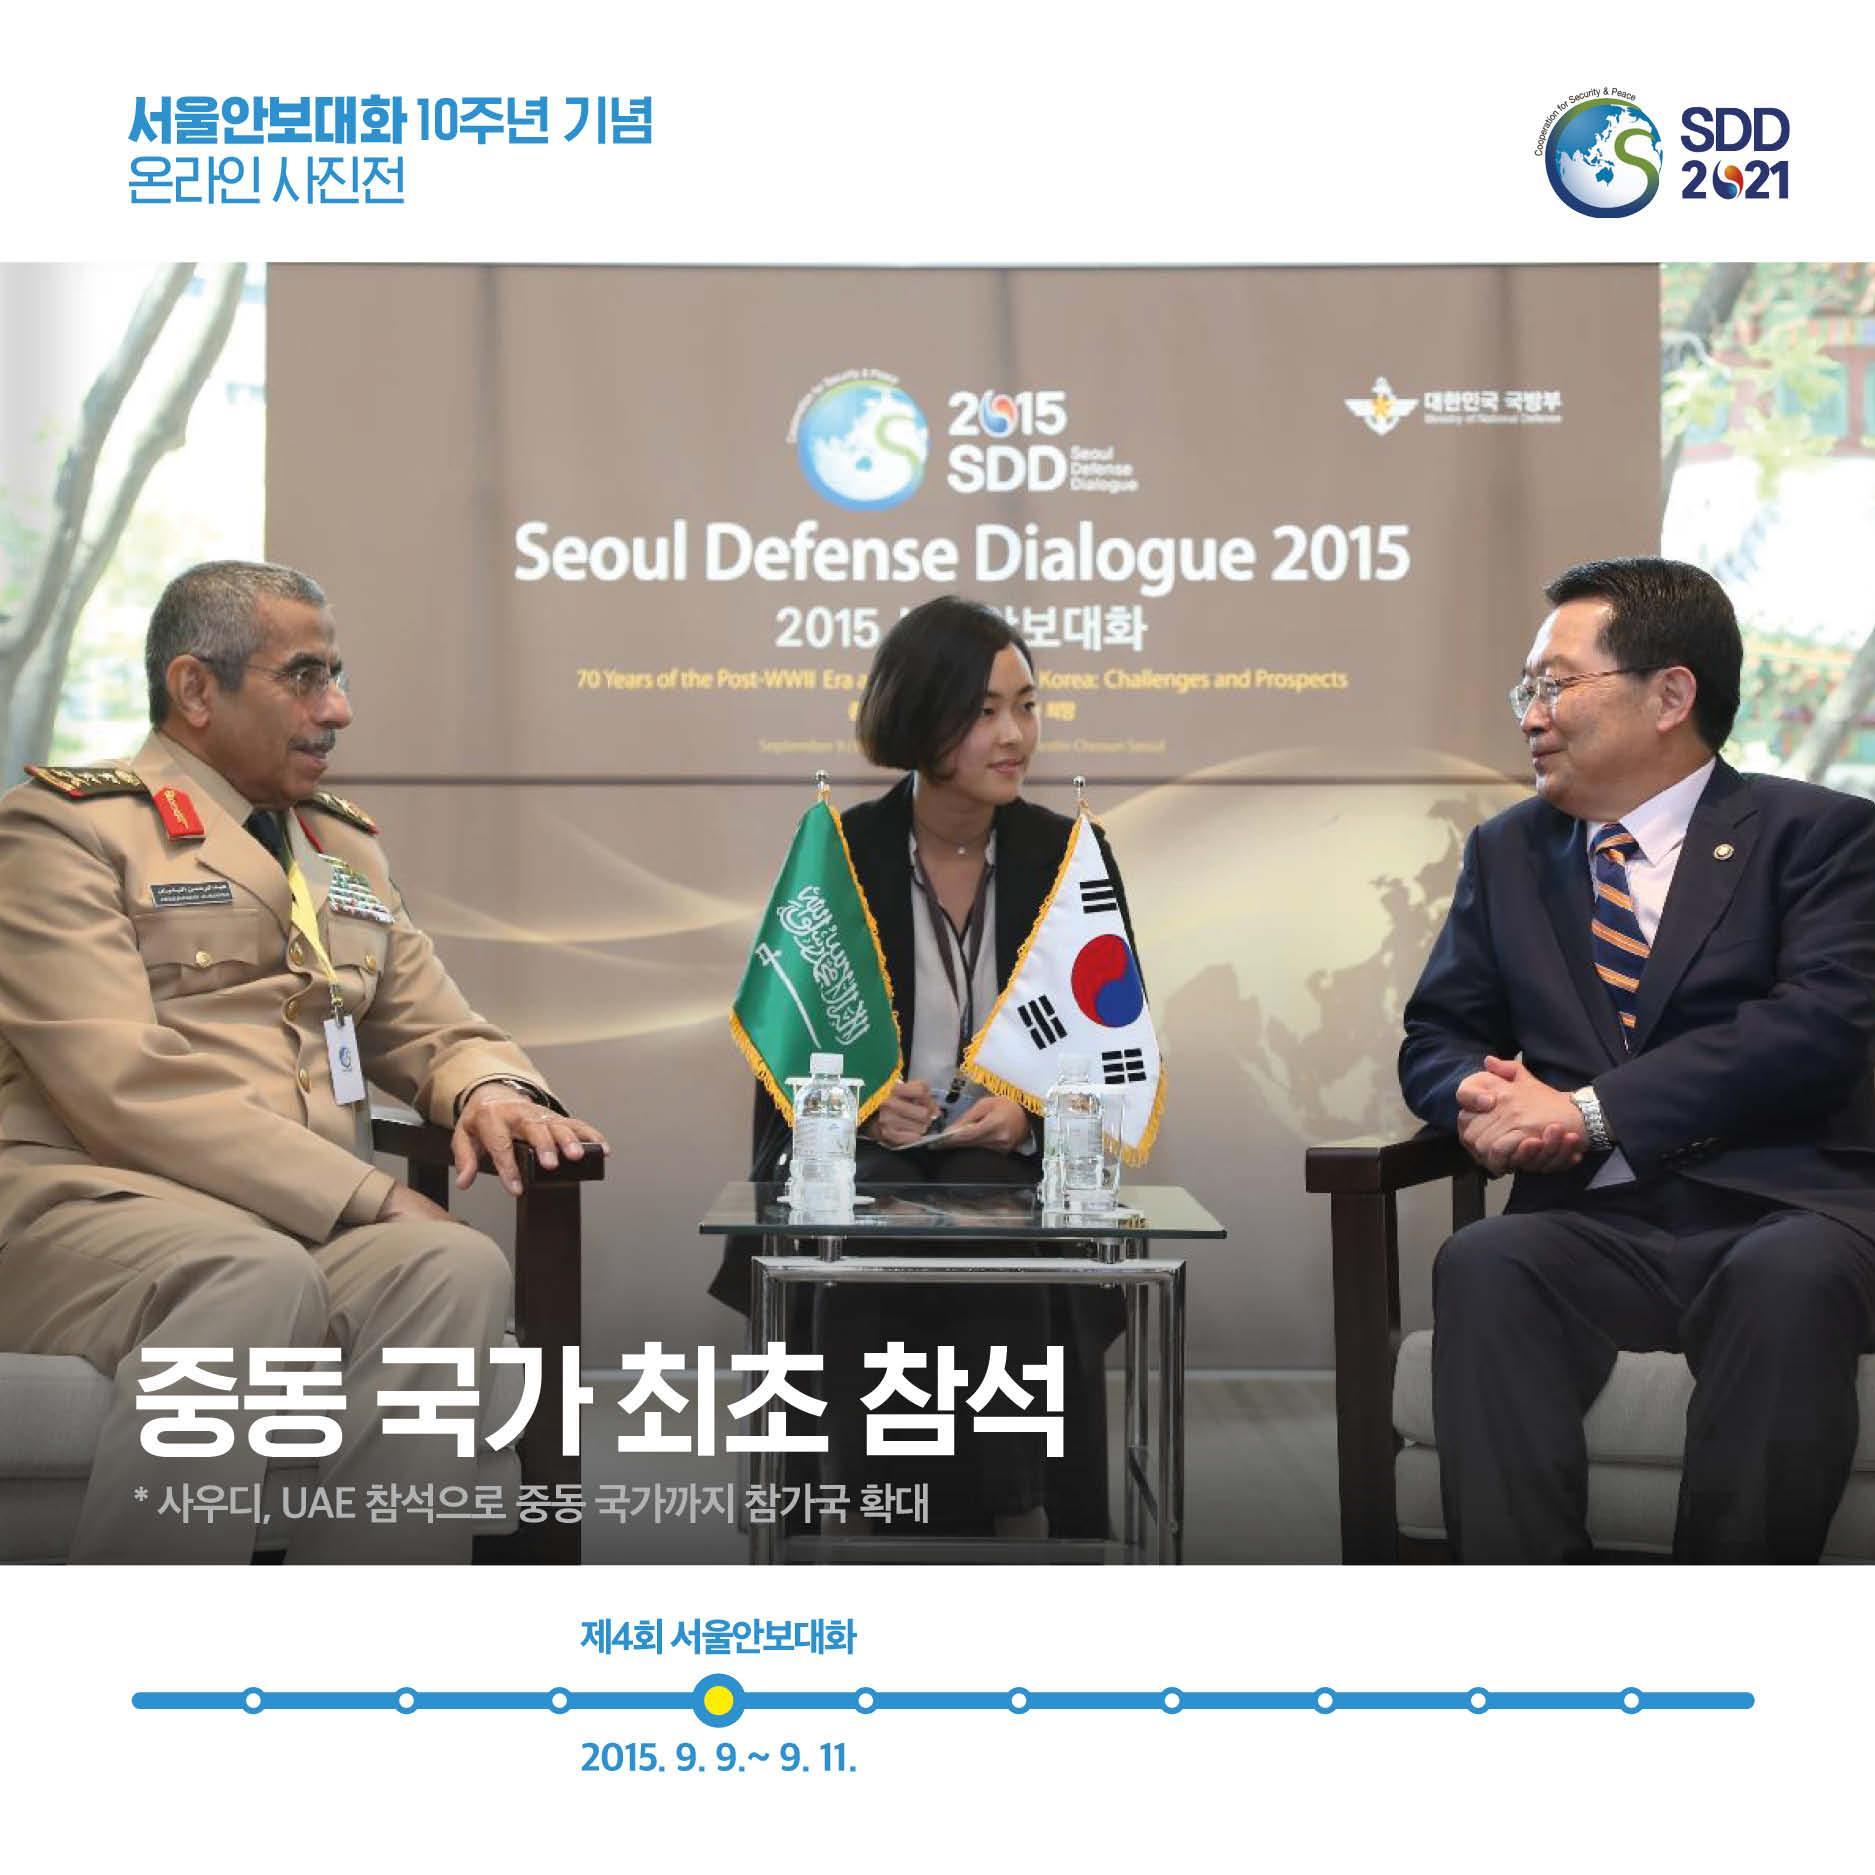 서울안보대화 온라인 사진전